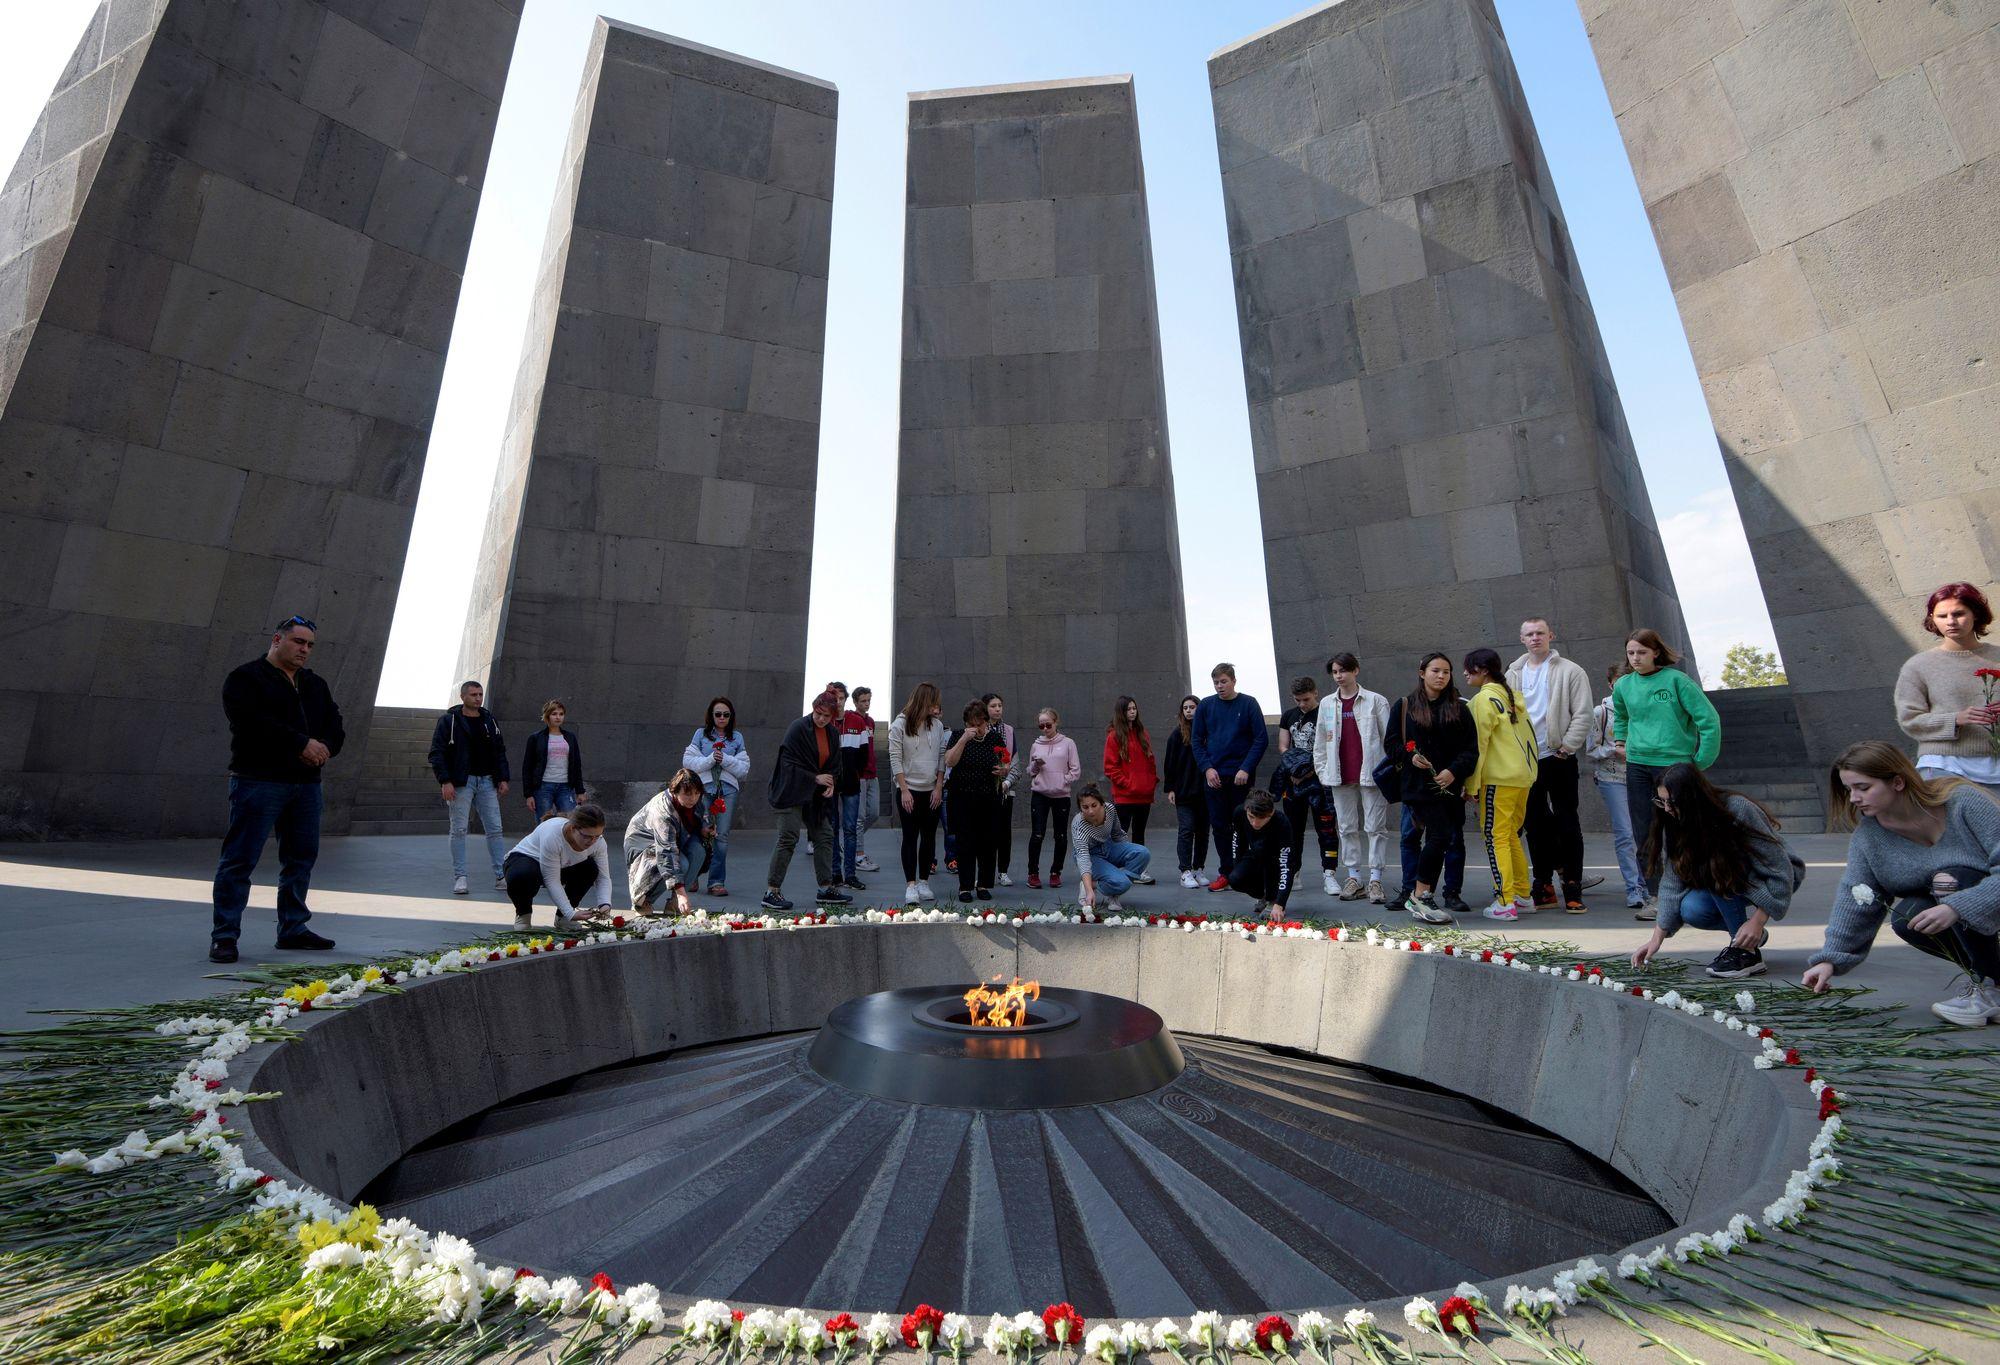 Le Congrès américain reconnaît le génocide arménien et fâche la Turquie